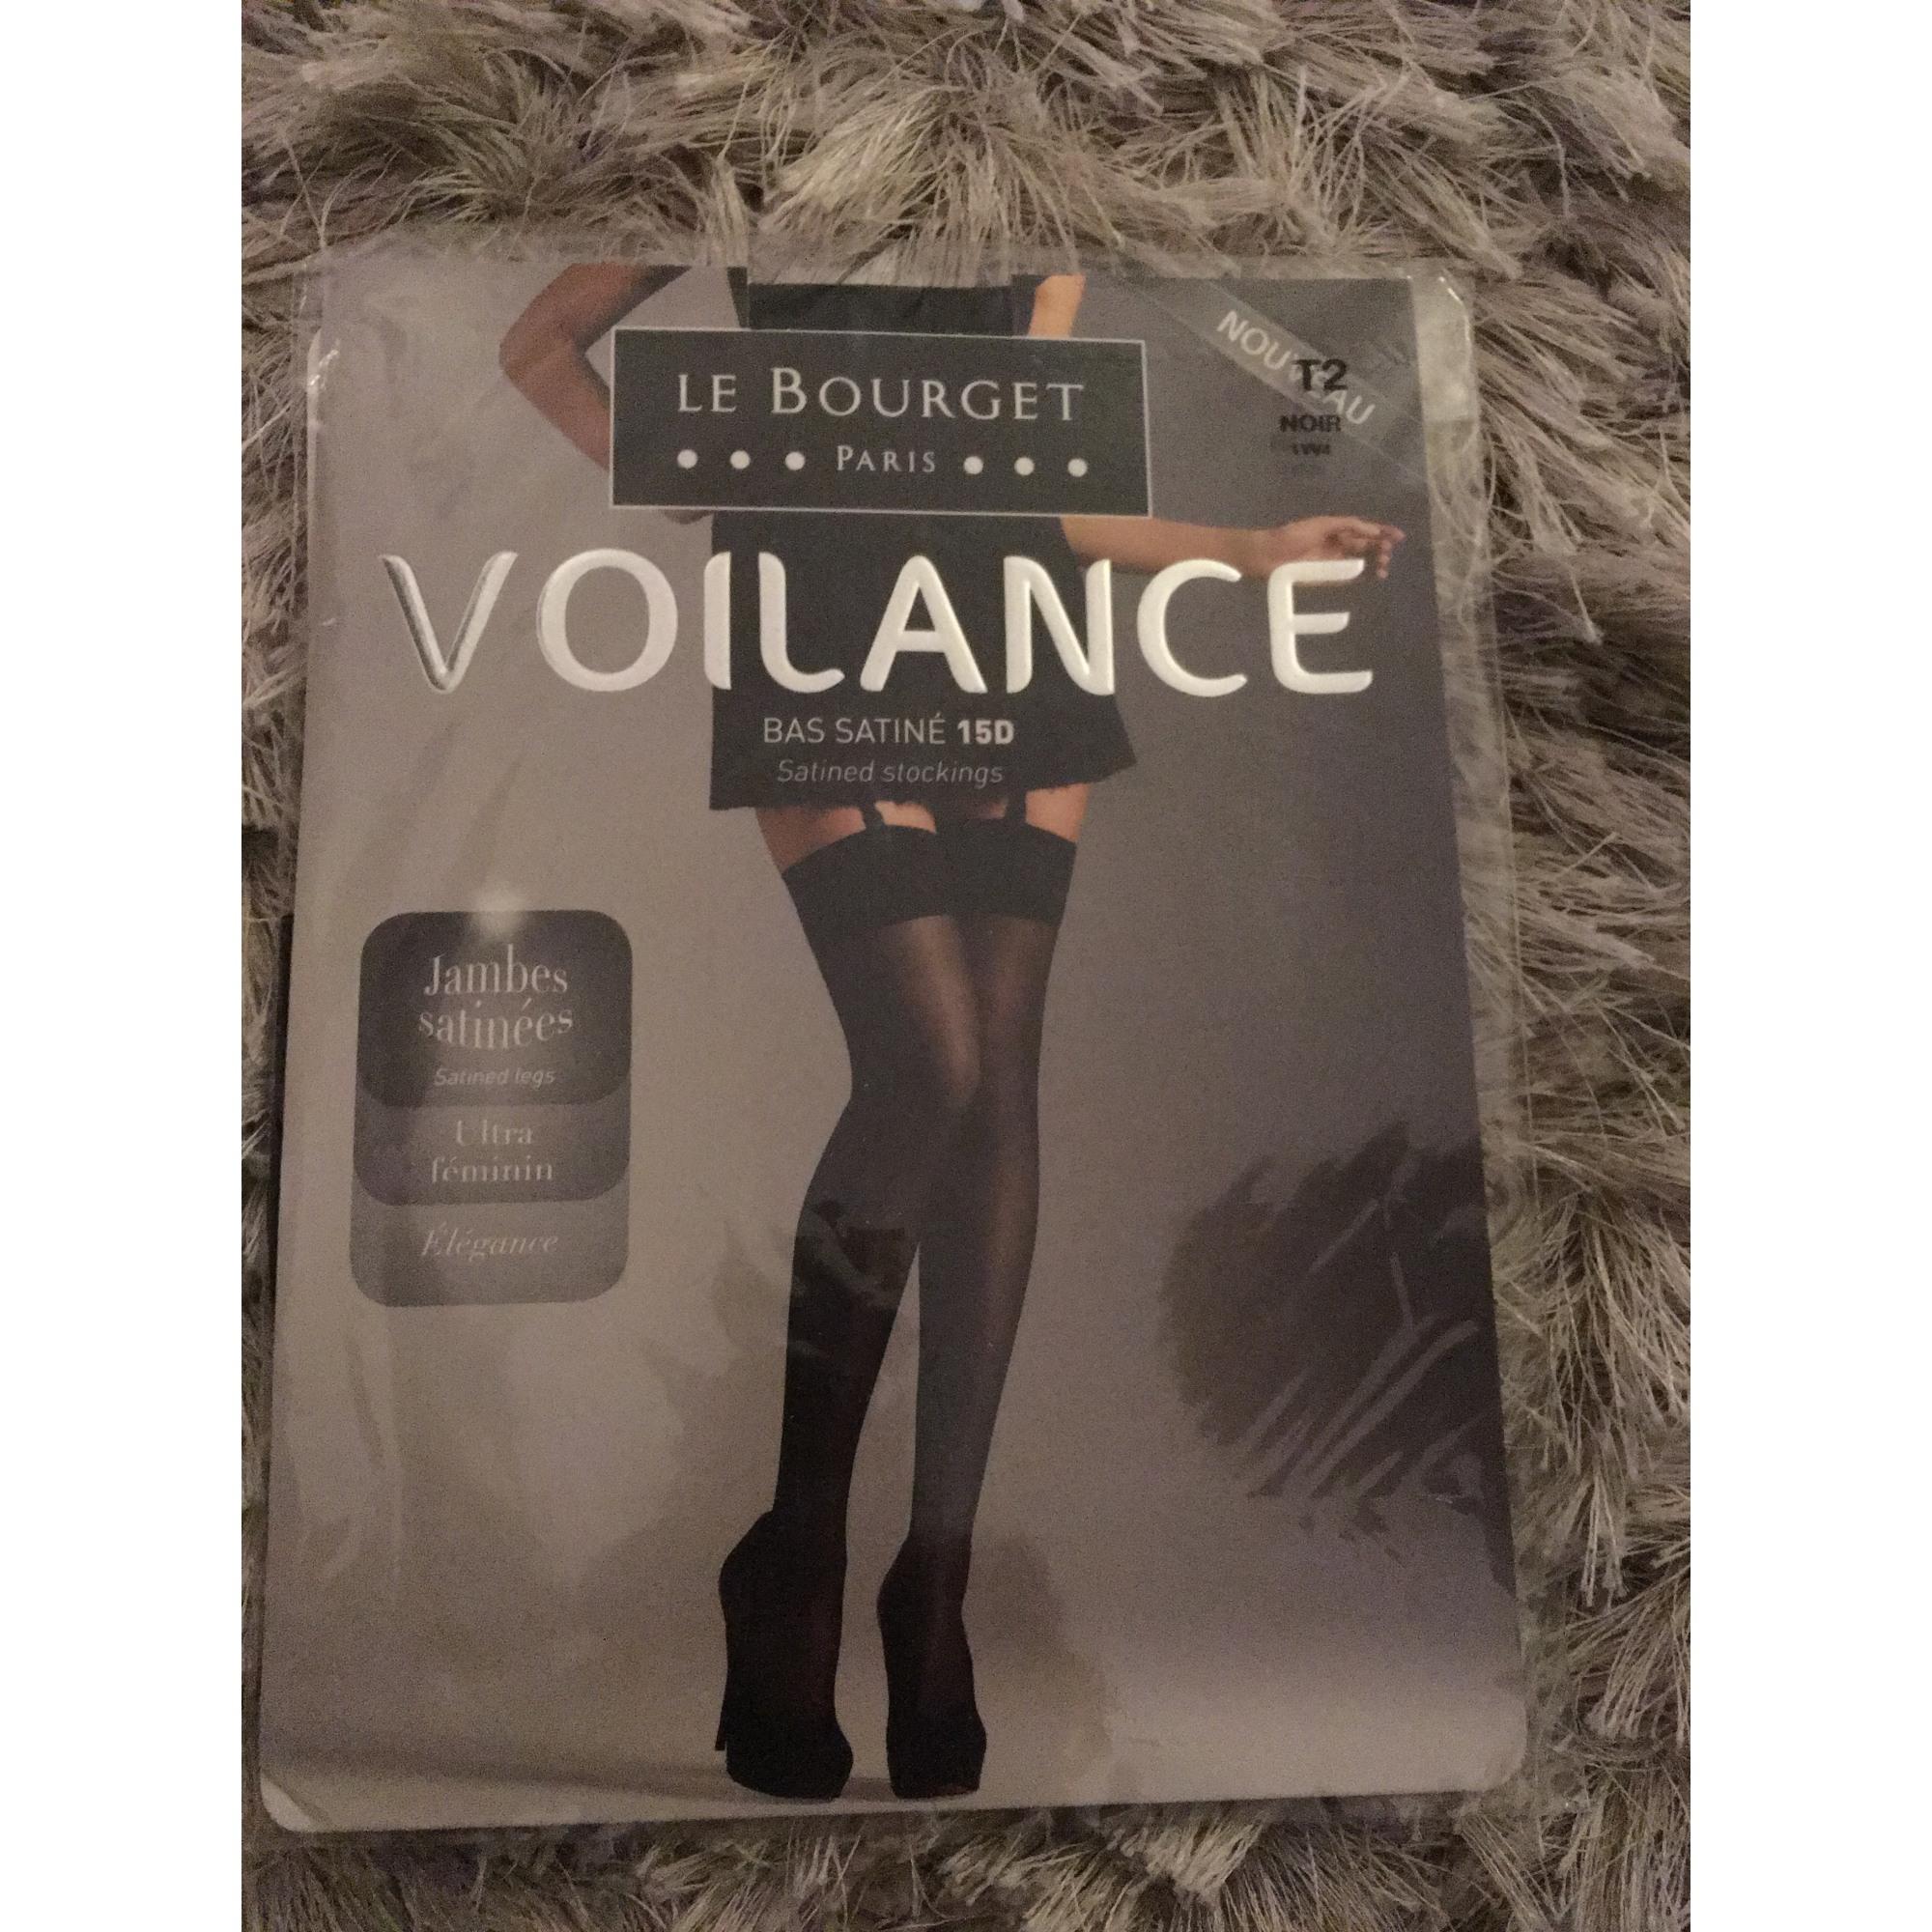 Bas LE BOURGET 2 noir vendu par Monique 4 - 5644067 7ed3ca89431